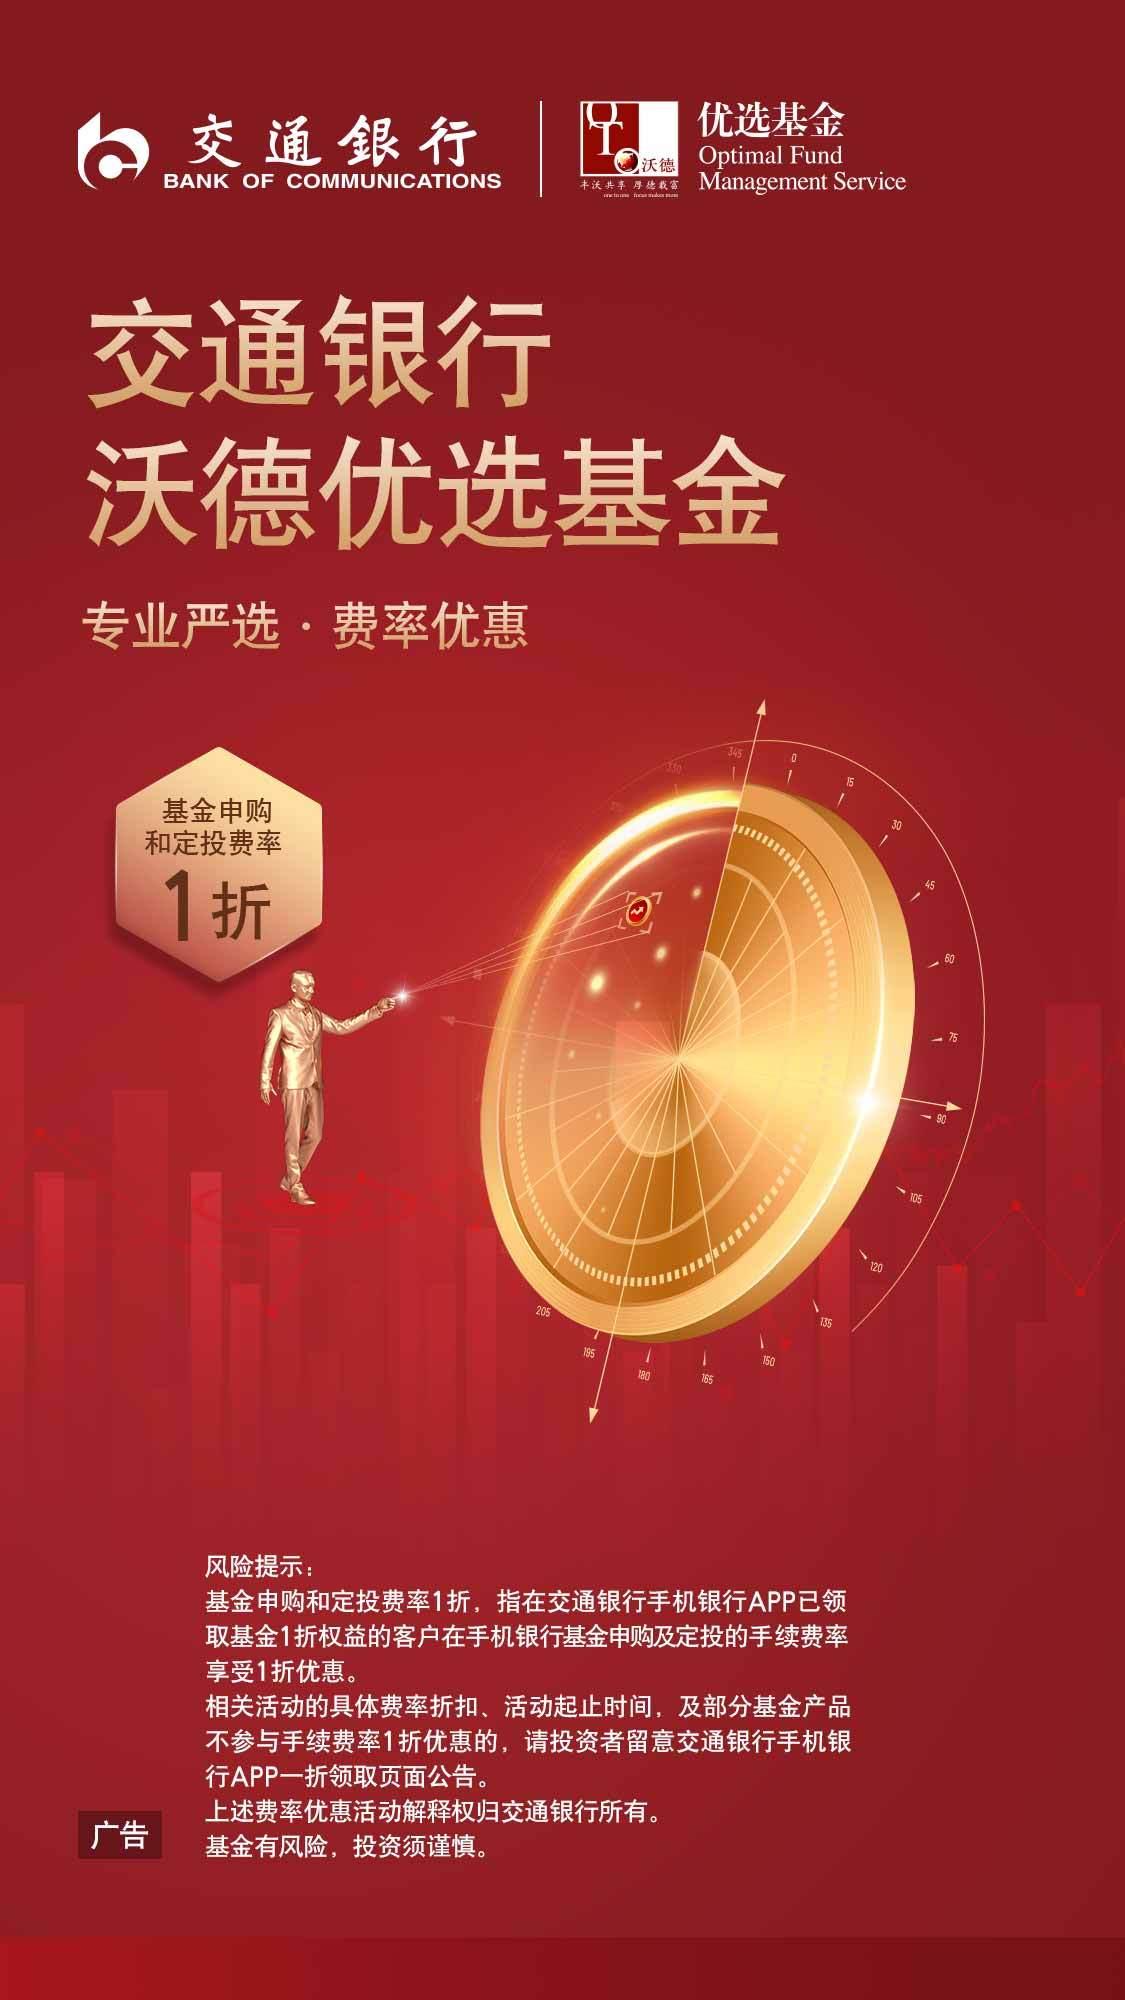 交银施罗德陈俊华:未来恒生指数对港股市场的代表性会明显改善